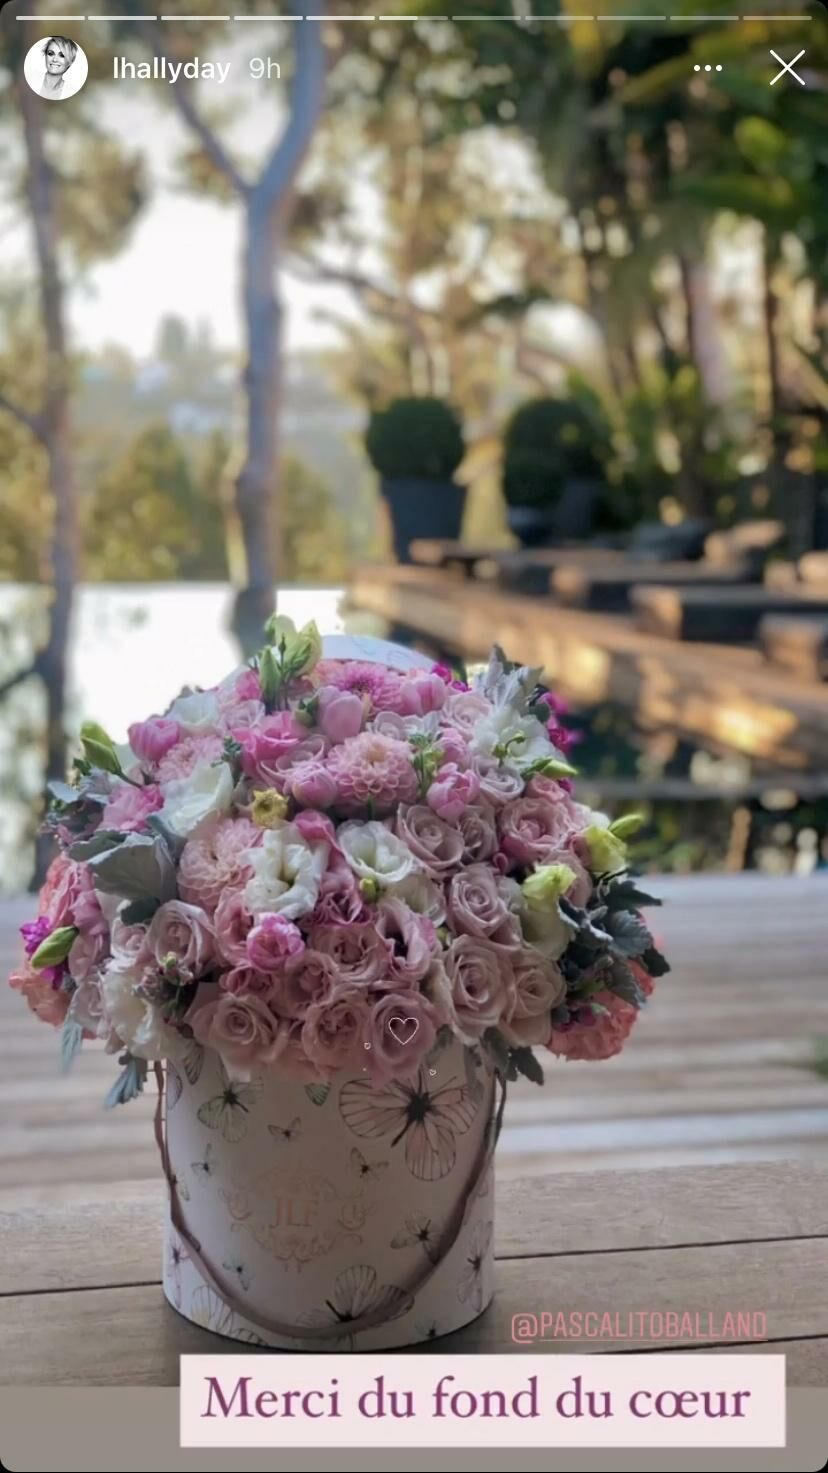 Le superbe bouquet immortalisé par Laeticia Hallyday